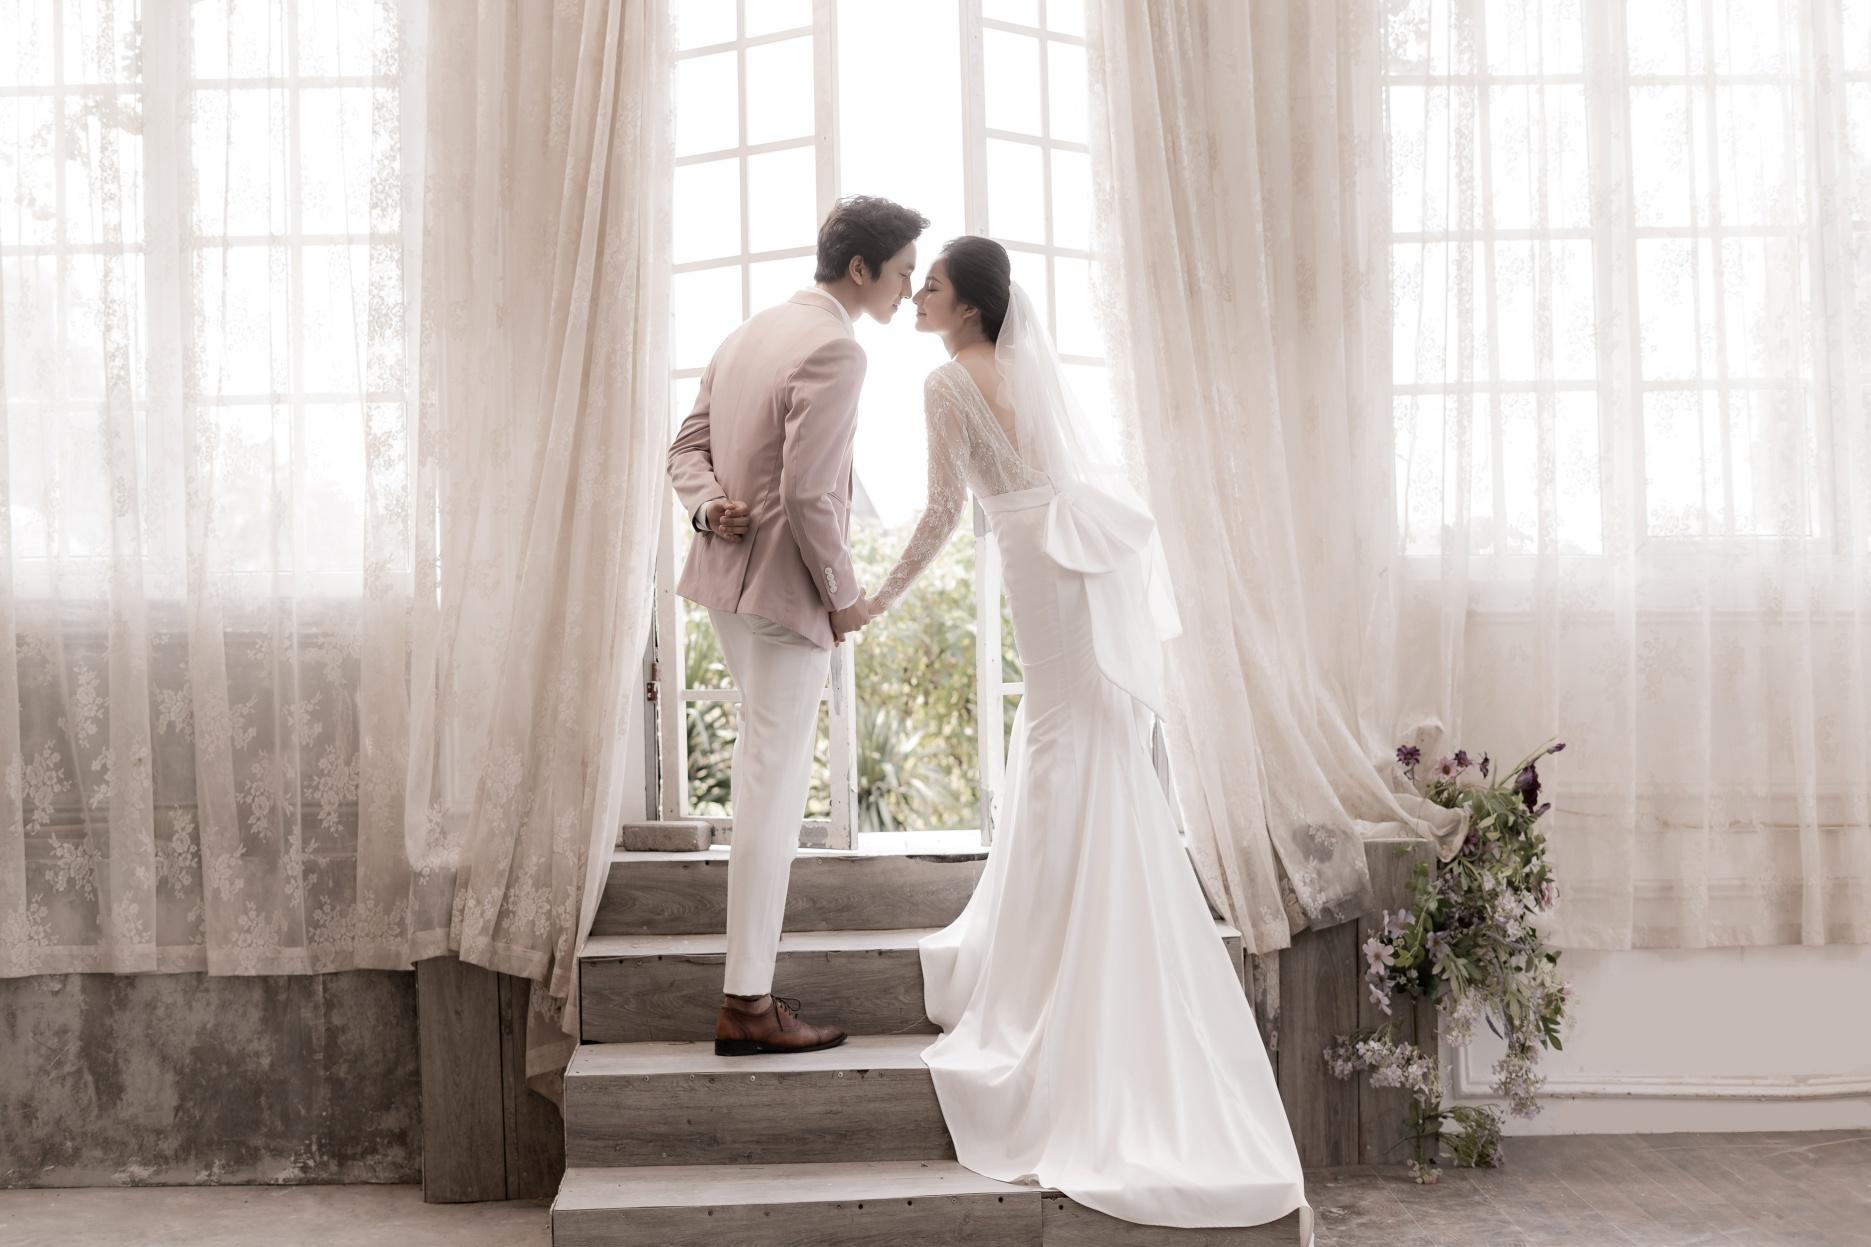 Ảnh cưới phong cách Hàn Quốc – Part 1